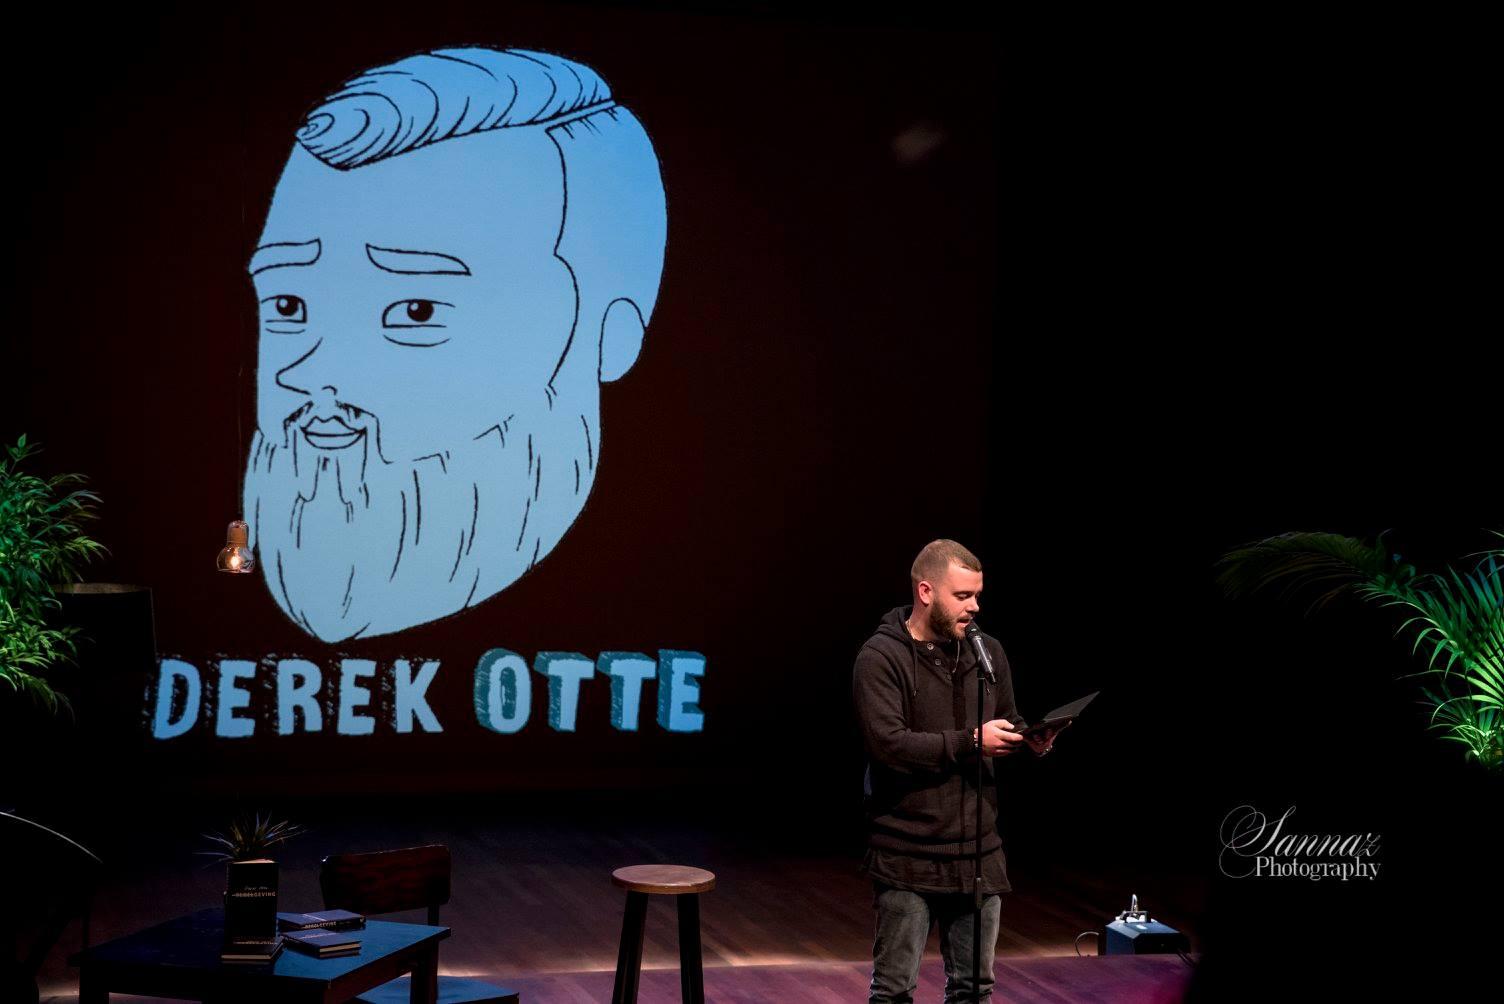 Derek Otte